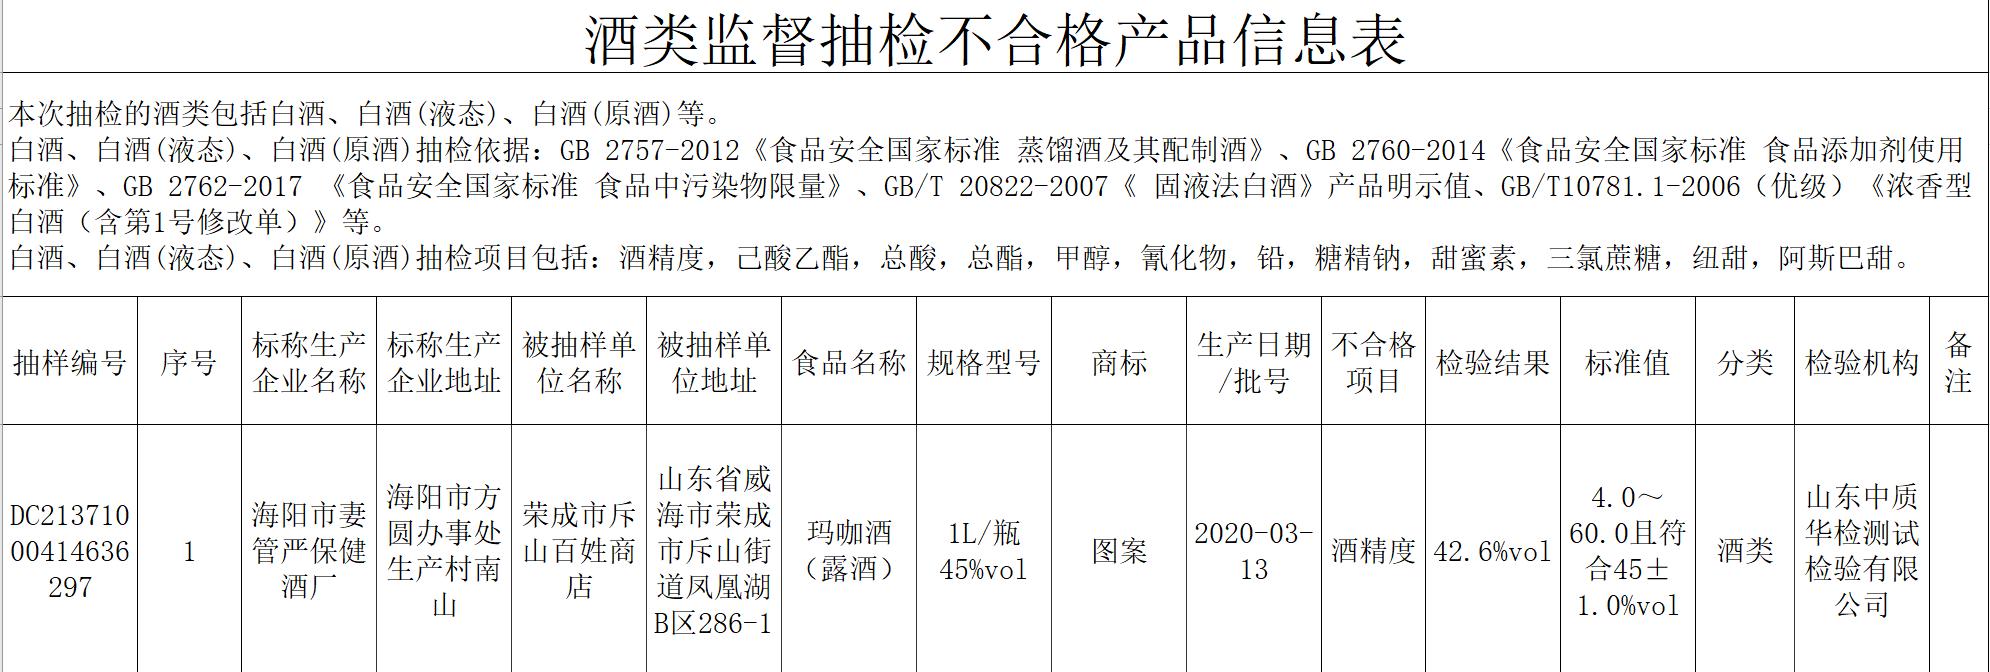 威海监管局抽检一批次玛咖酒酒精度不符标准